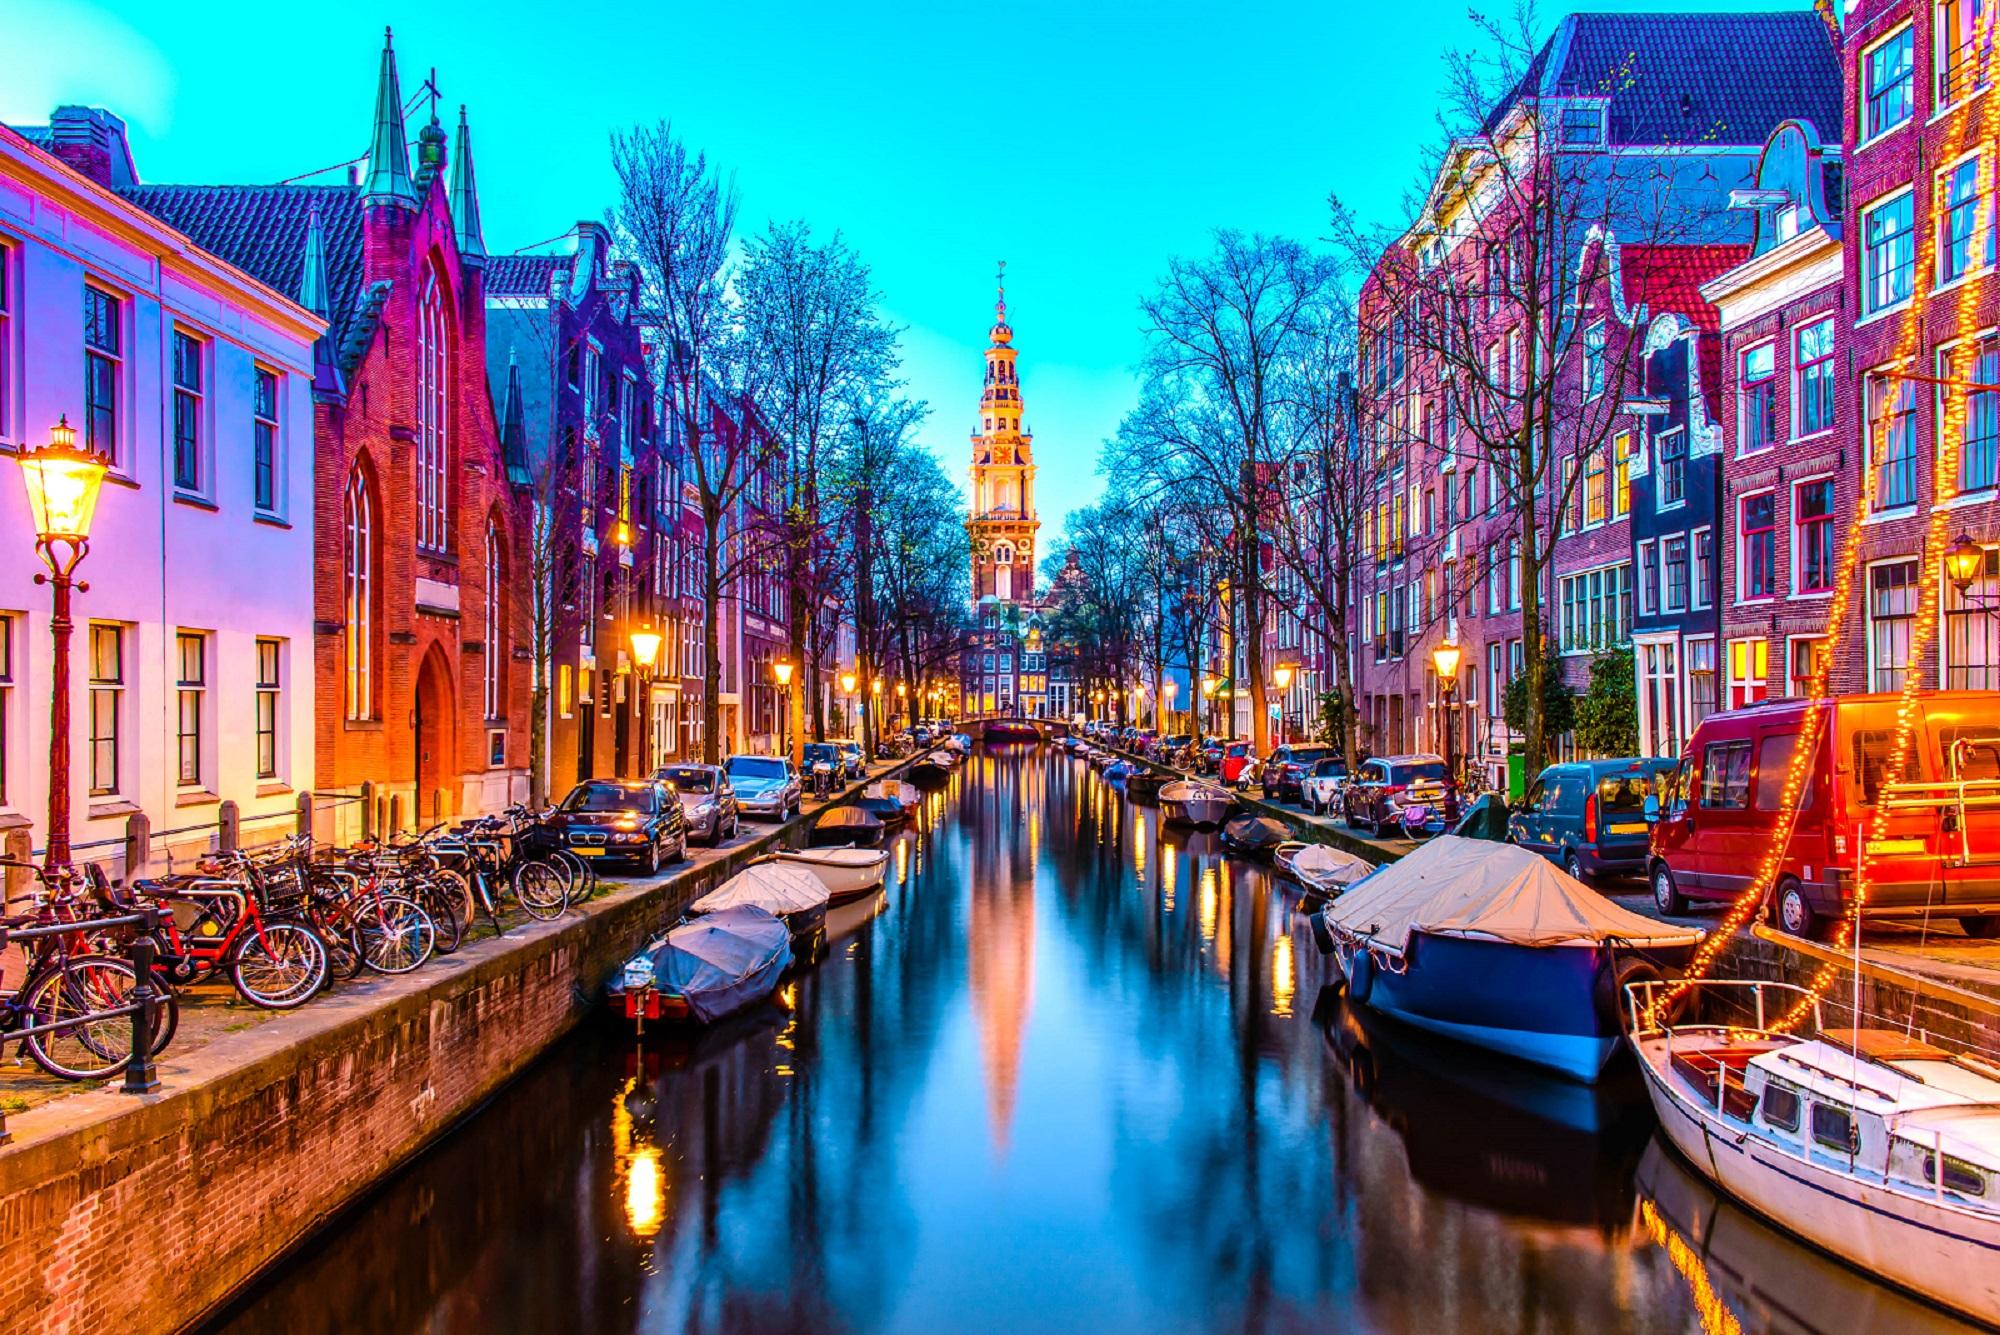 Zuiderkerk in Amsterdam iStock 528503566 2 titel 1 - Destinos Baratos Nochevieja 2018 Parte 1